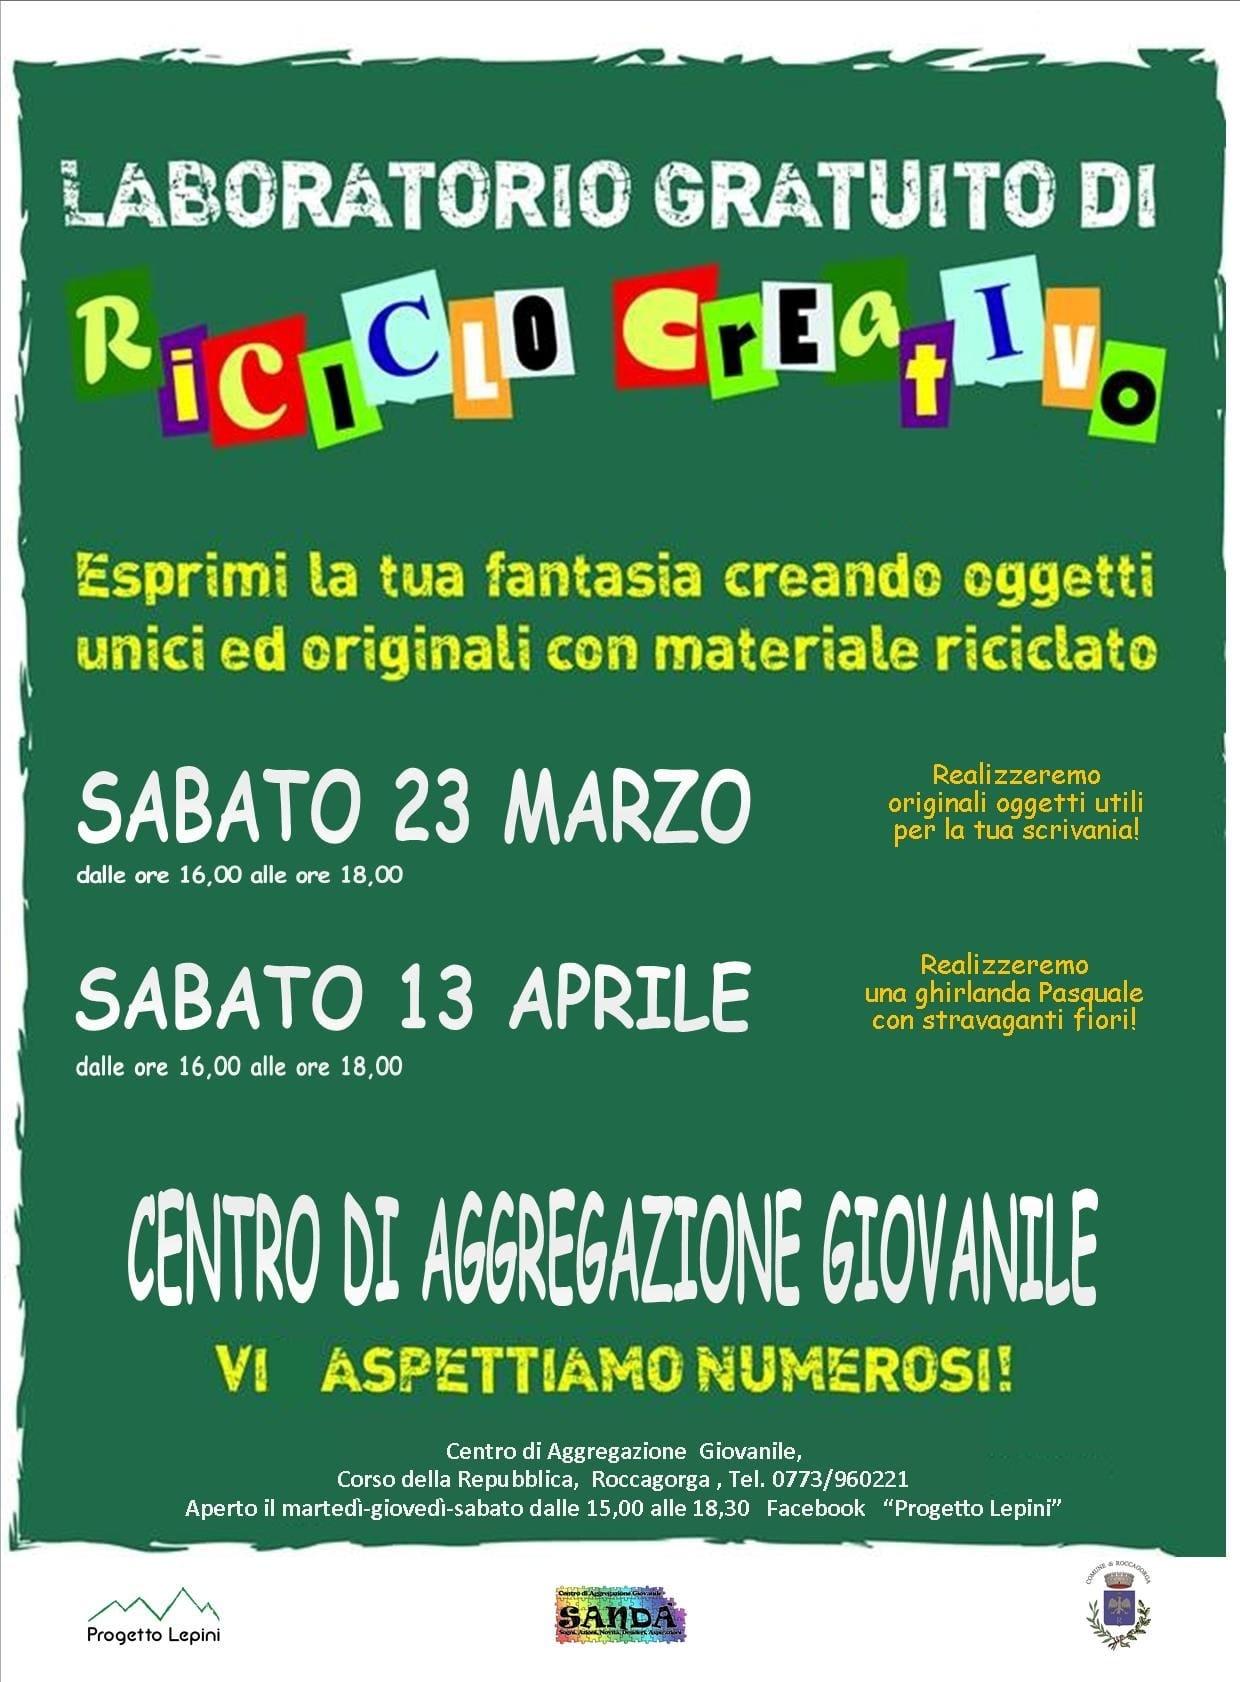 Roccagorga: Riciclo creativo @ Centro di aggregazione giovanile | Roccagorga | Lazio | Italia